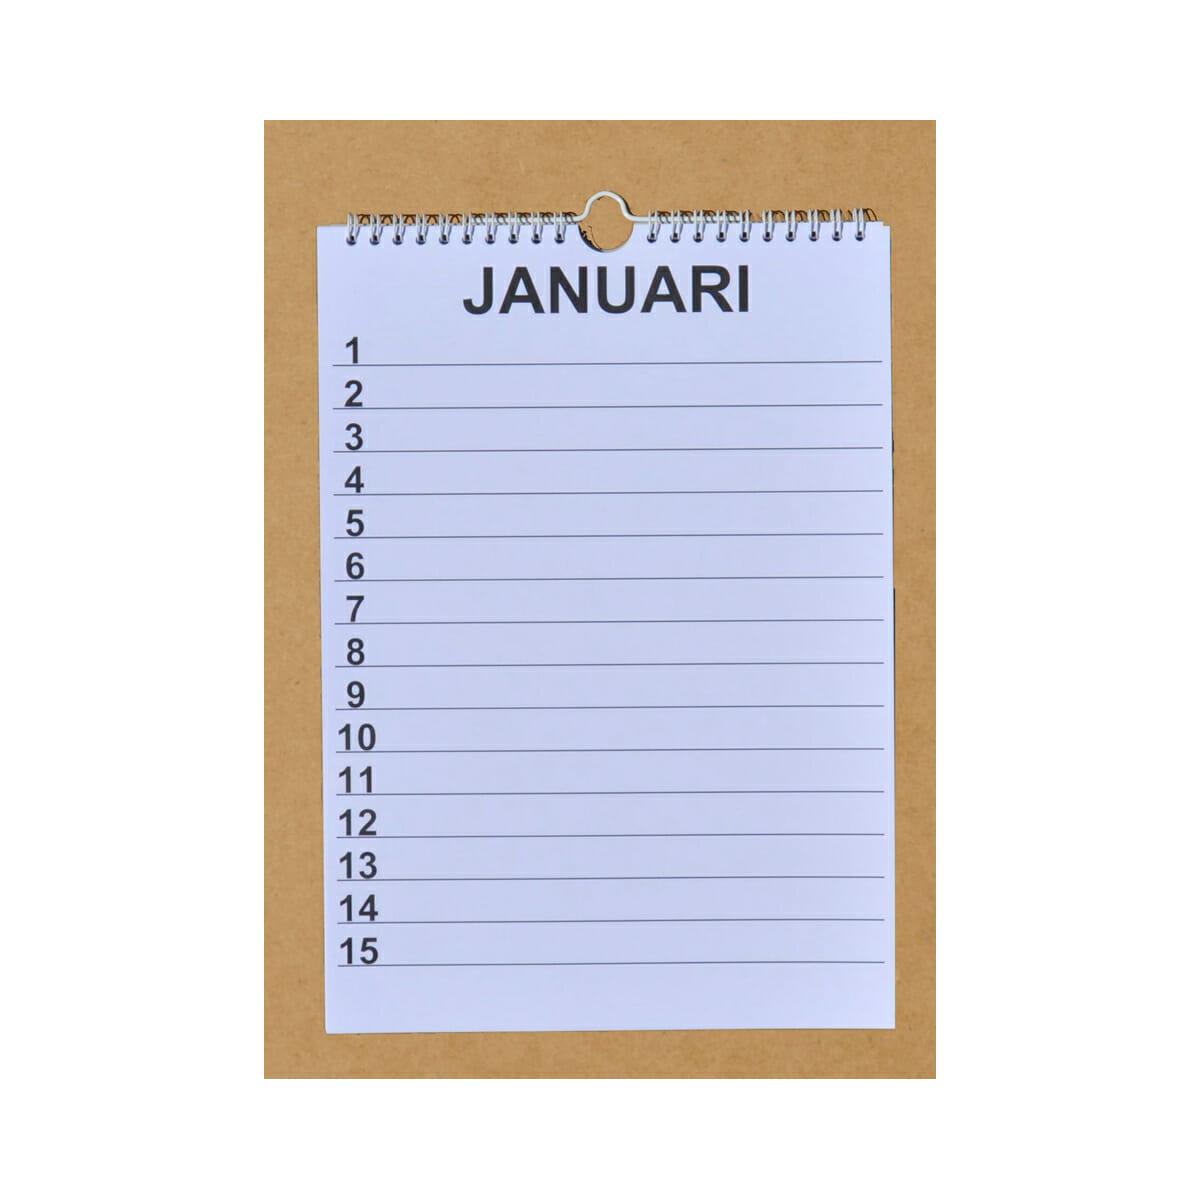 Verjaardag Kalender.Grootletter Verjaardagskalender A4